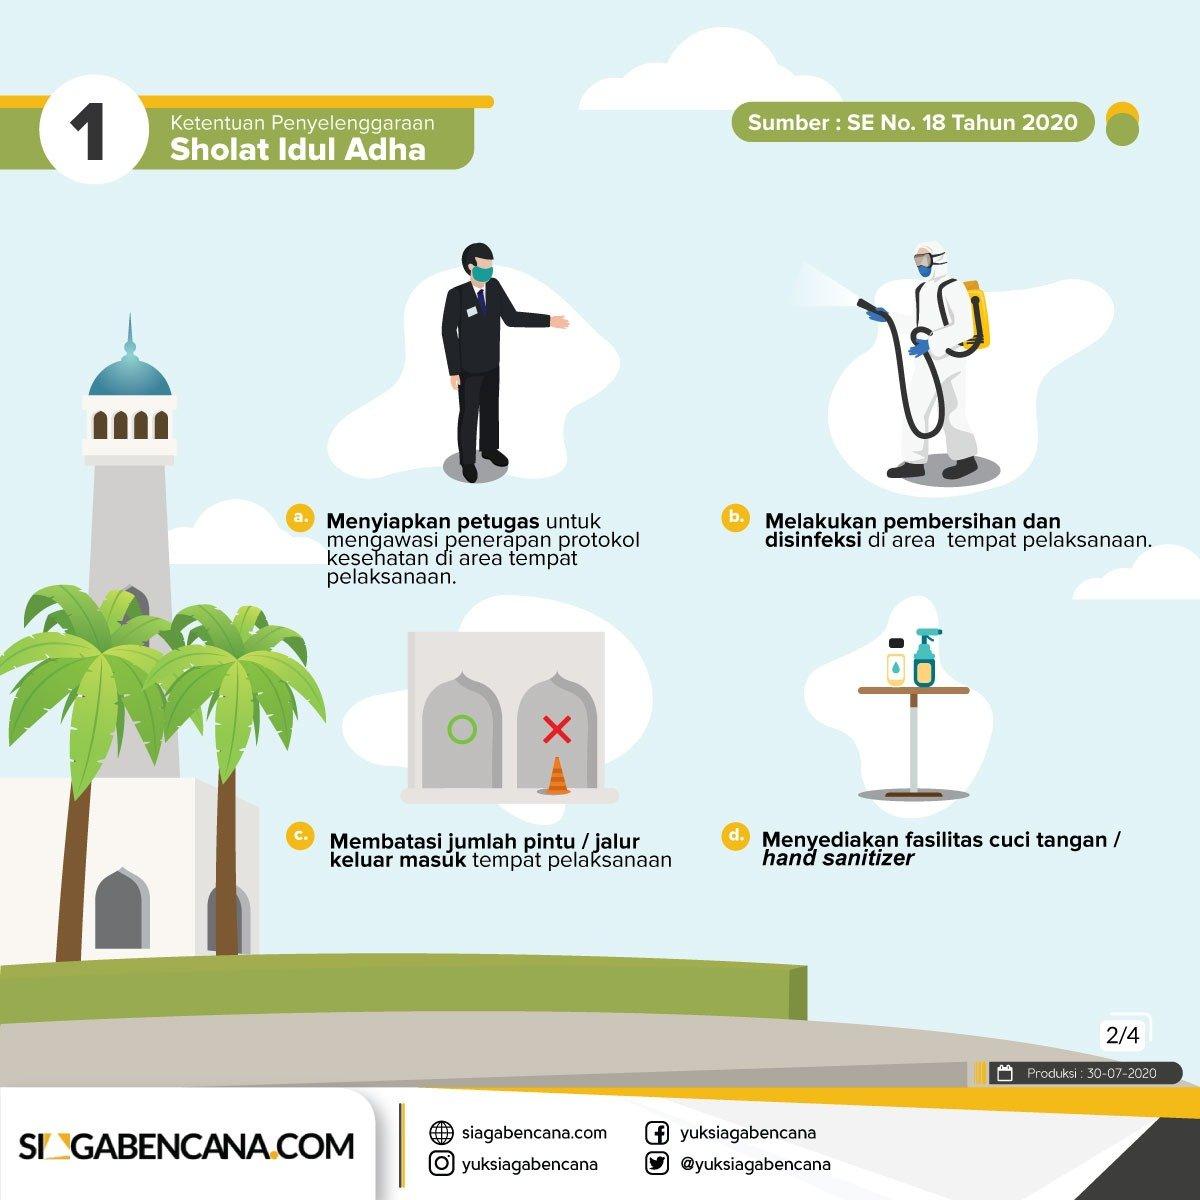 Panduan Shalat Idul Adha Dalam Situasi Pandemi COVID-19